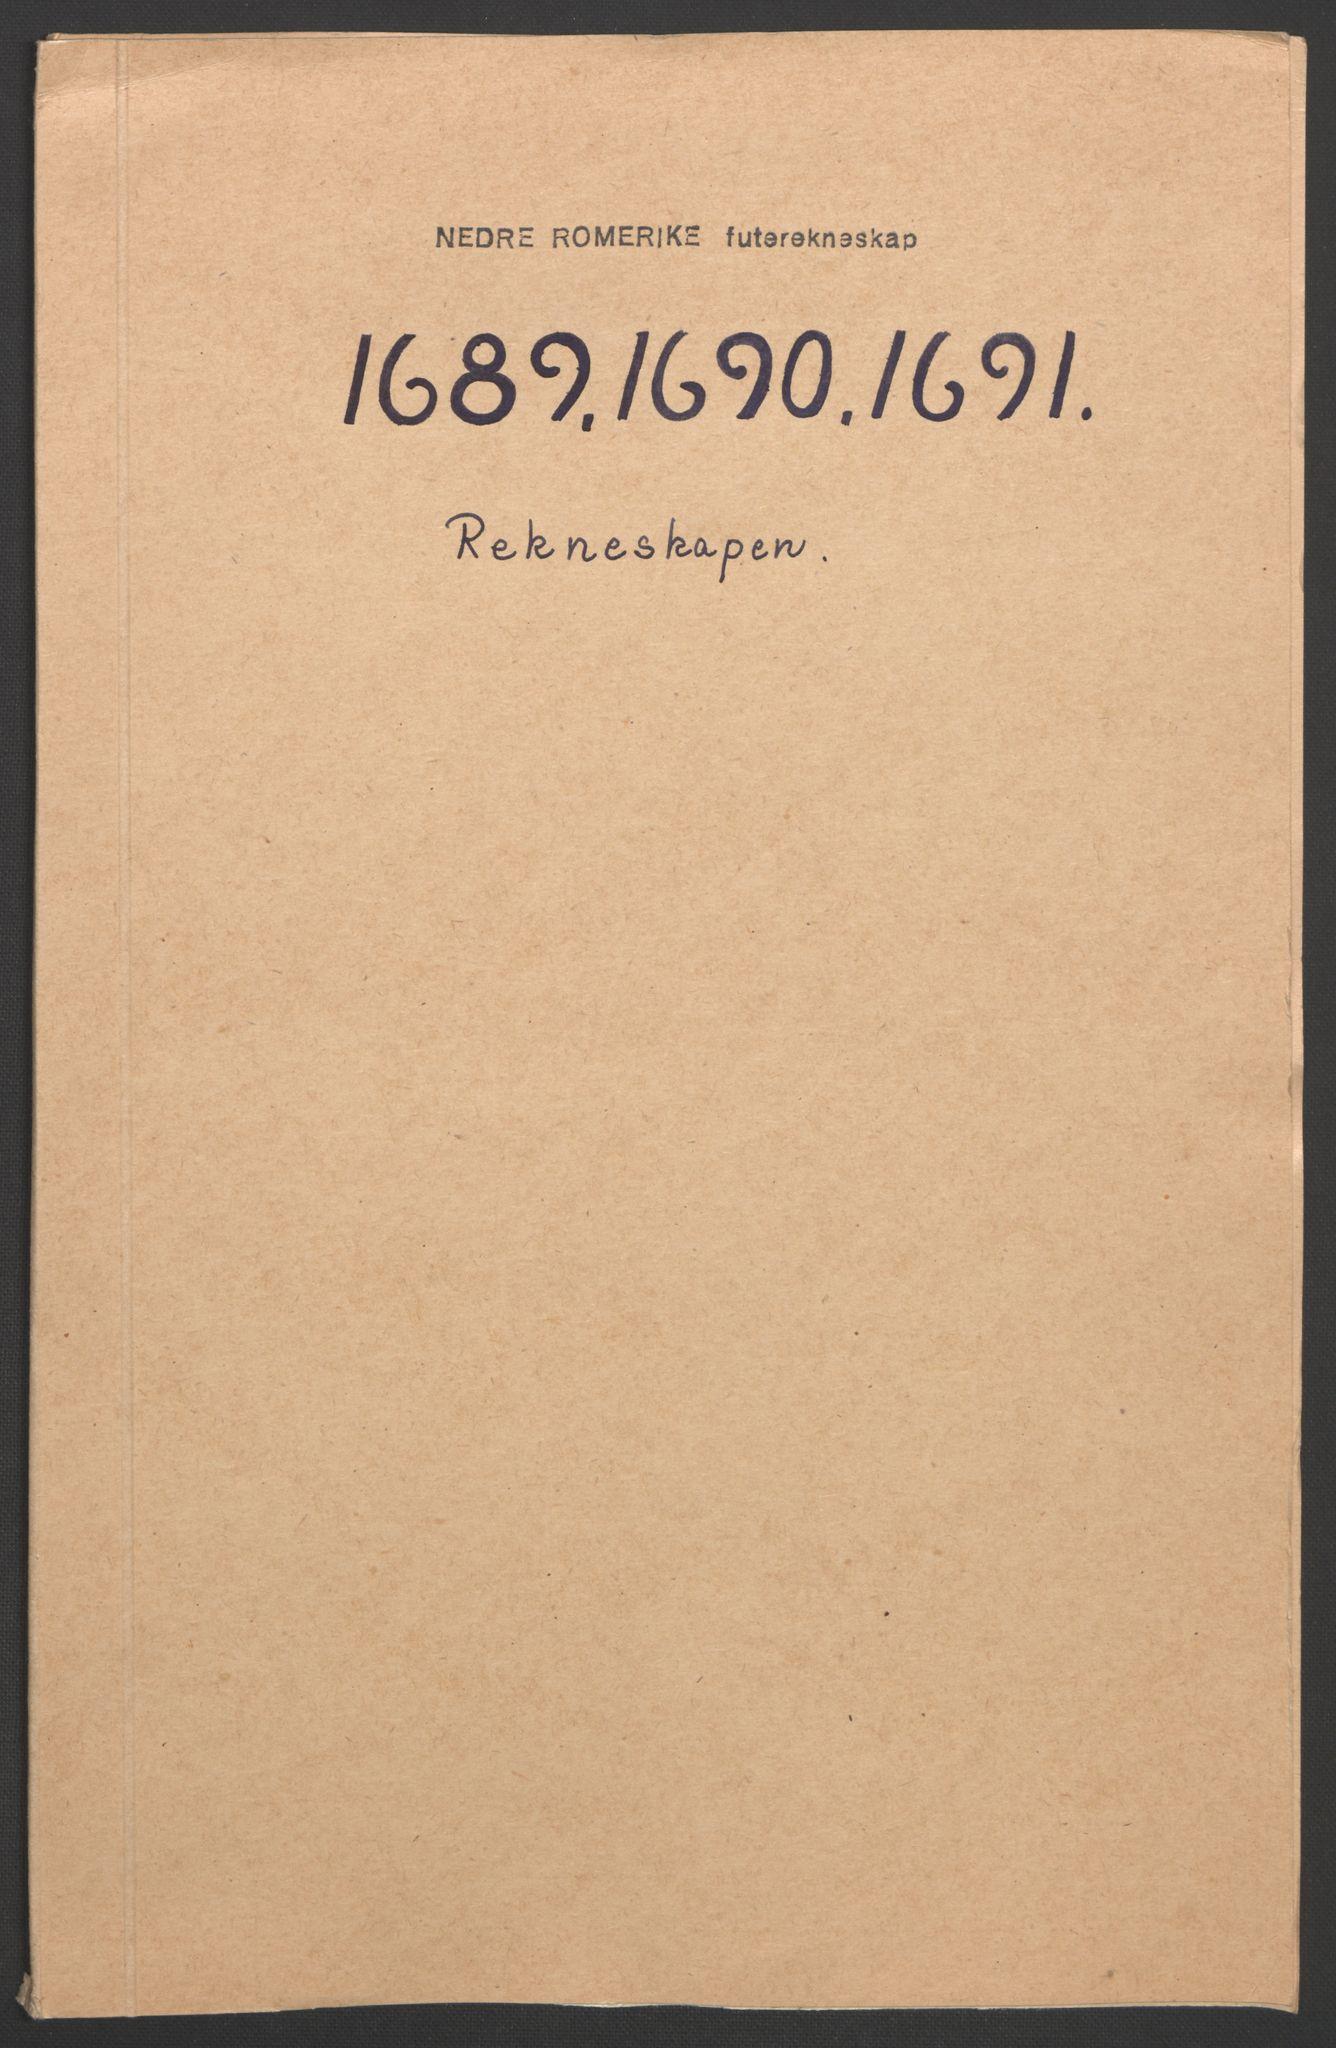 RA, Rentekammeret inntil 1814, Reviderte regnskaper, Fogderegnskap, R11/L0576: Fogderegnskap Nedre Romerike, 1682-1691, s. 3